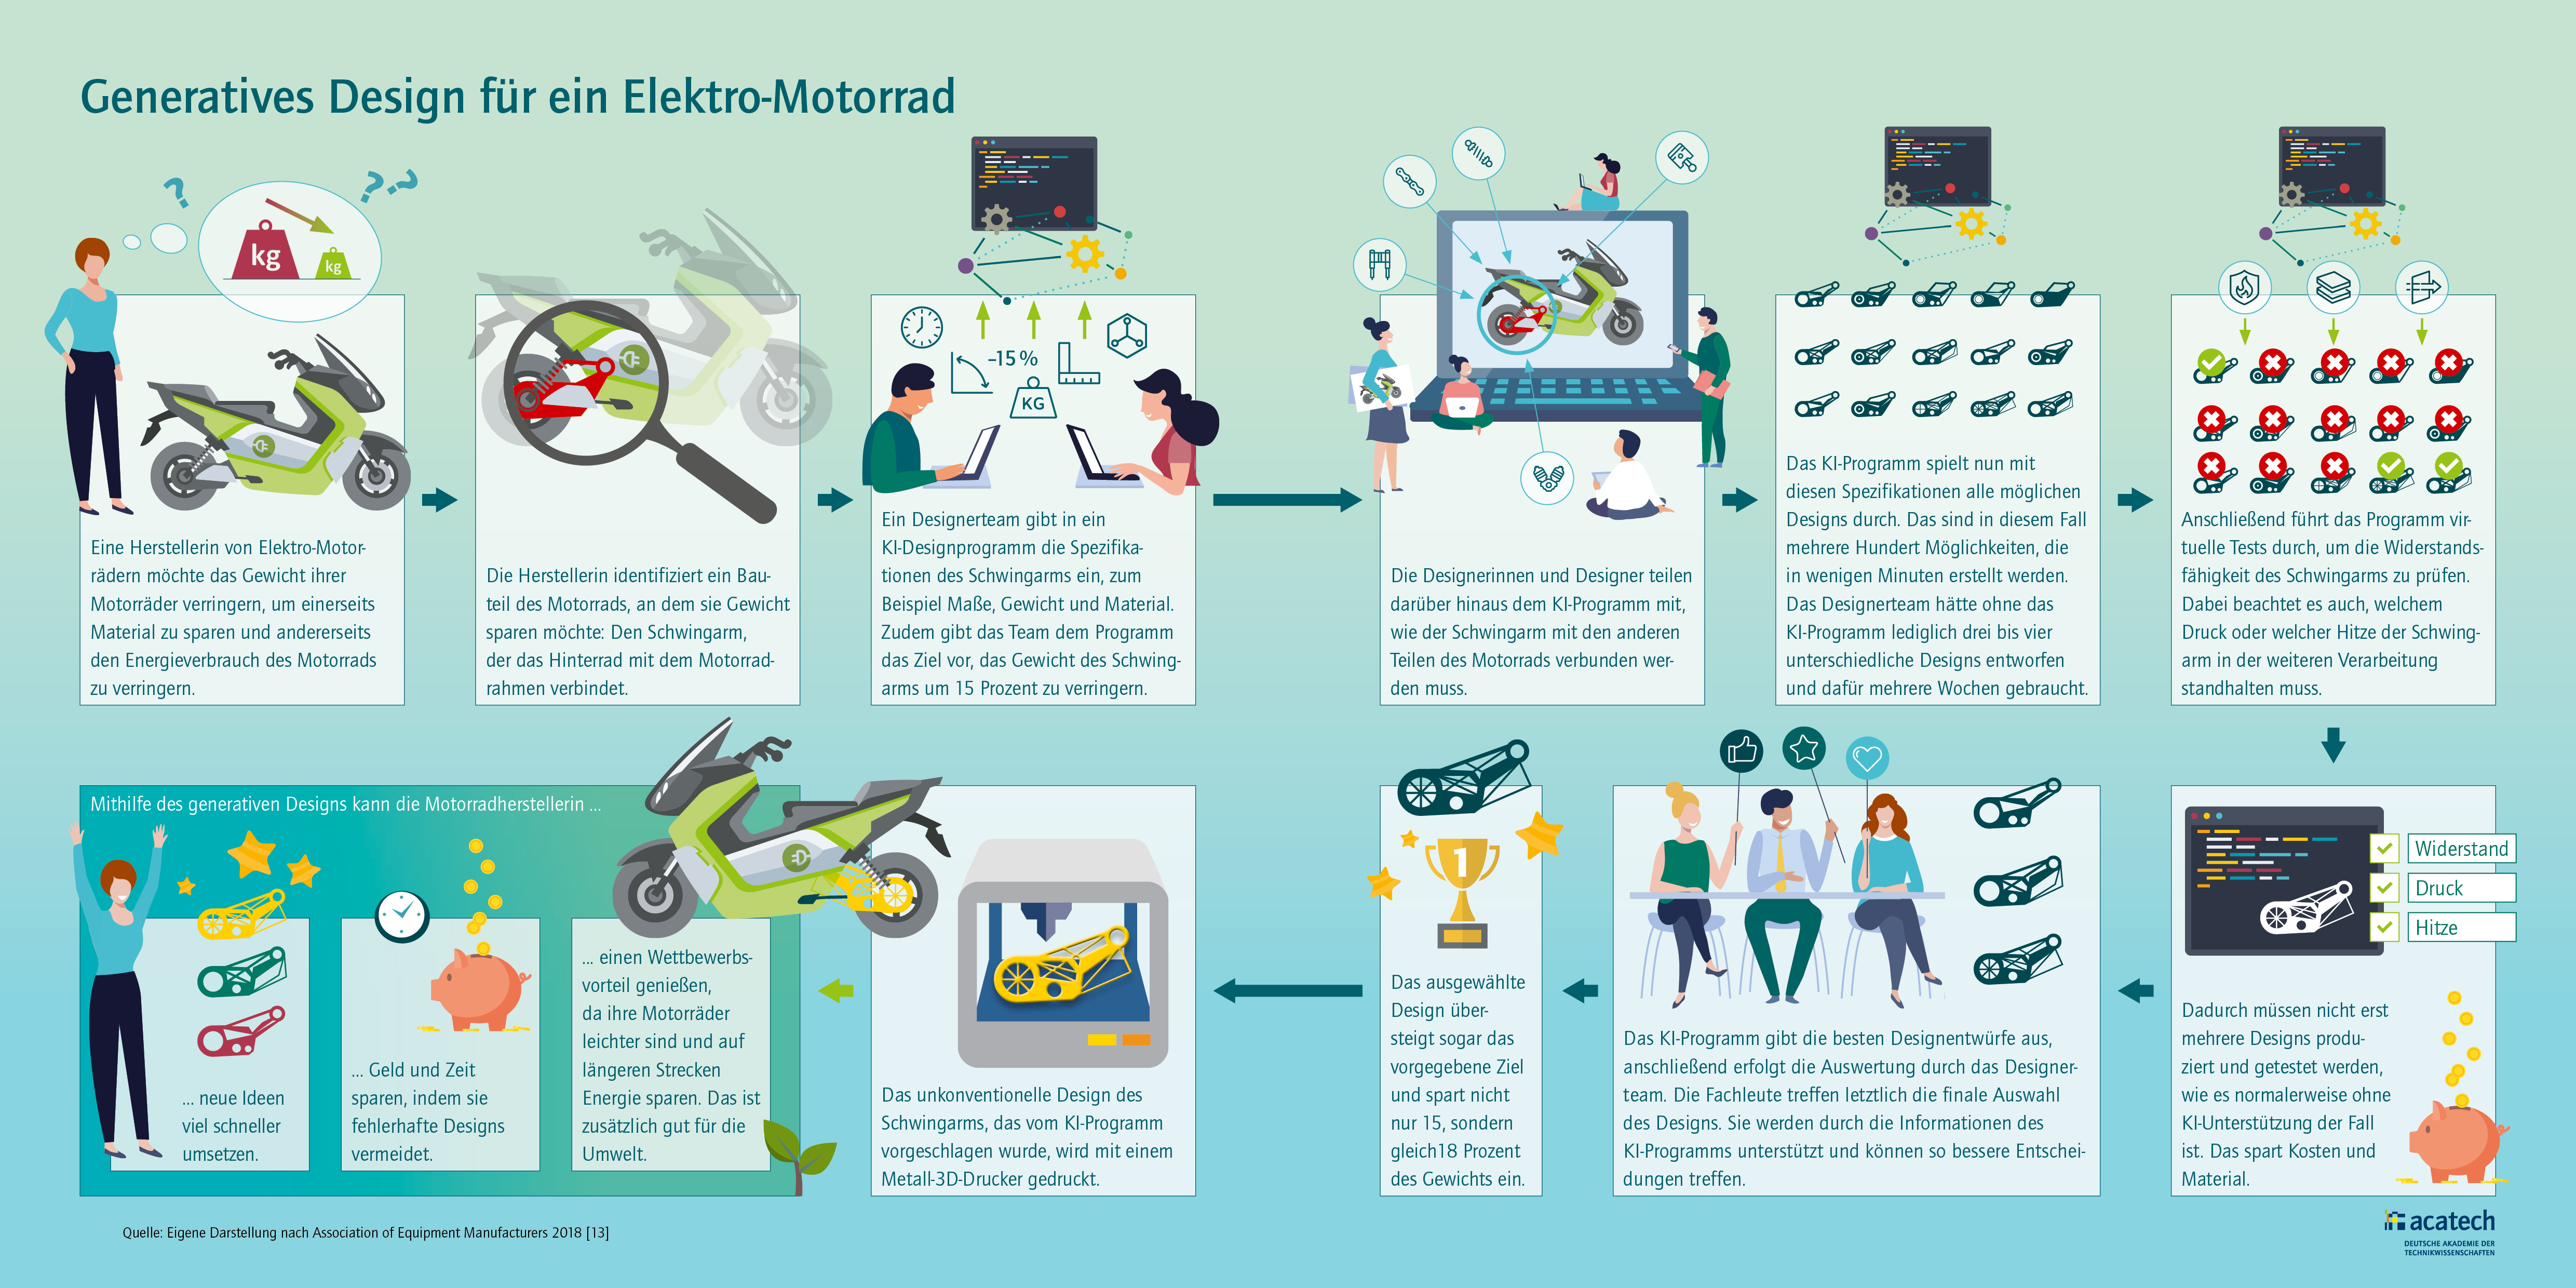 Grafik Funktionsweise generatives Design am Beispiel eines Elektro-Motorrads